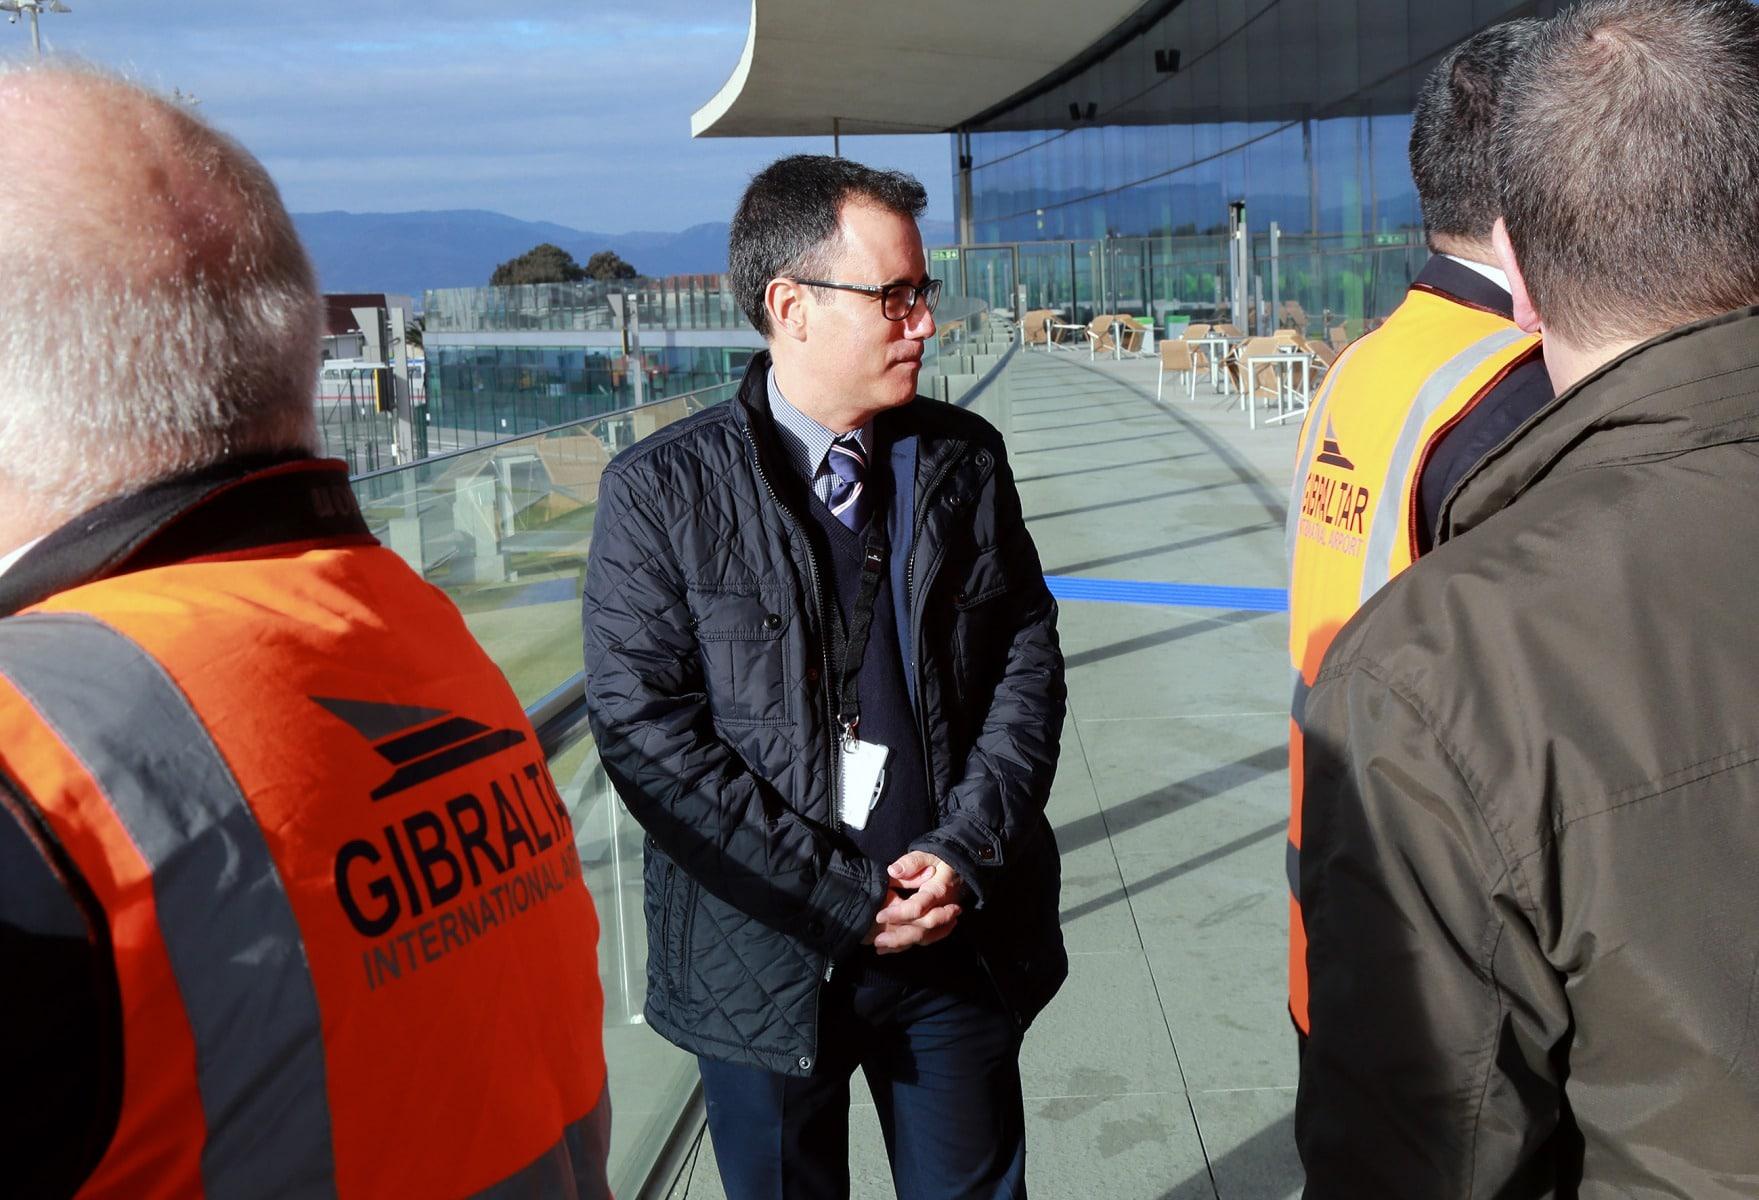 joseph-garca-viceministro-principal-de-gibraltar-el-9-feb-2016-durante-un-simulacro-de-incidente-en-el-aeropuerto-de-gibraltar_24888685396_o